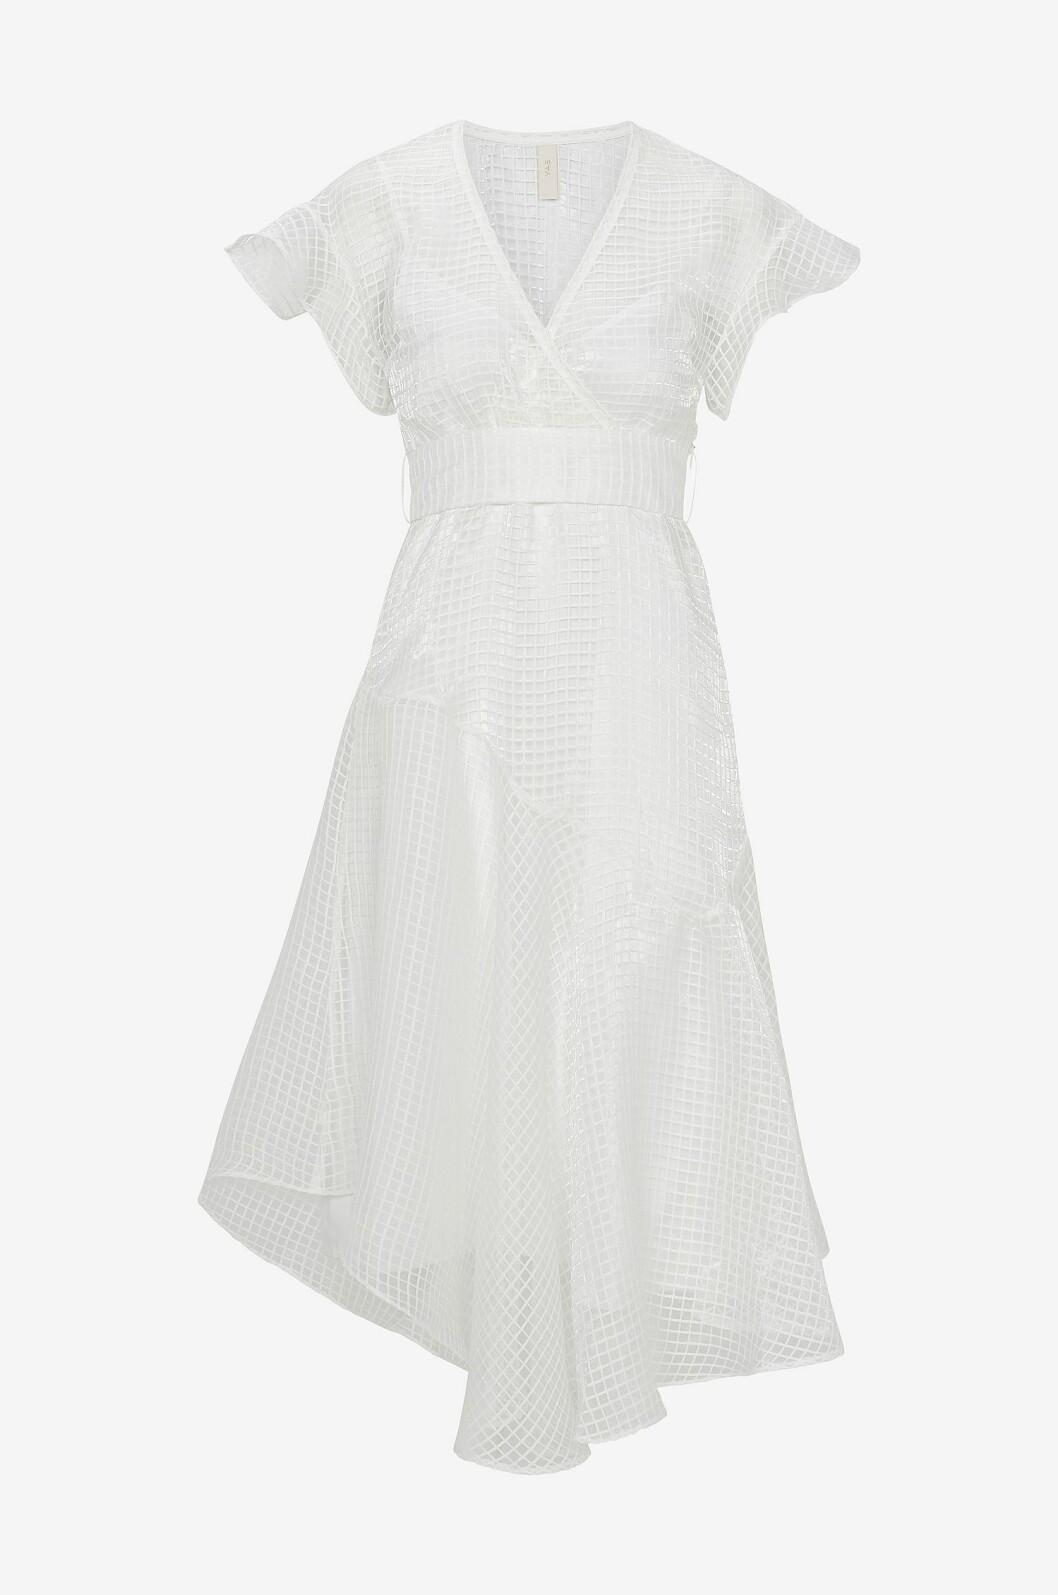 Vit enkel brudklänning med v-ringing